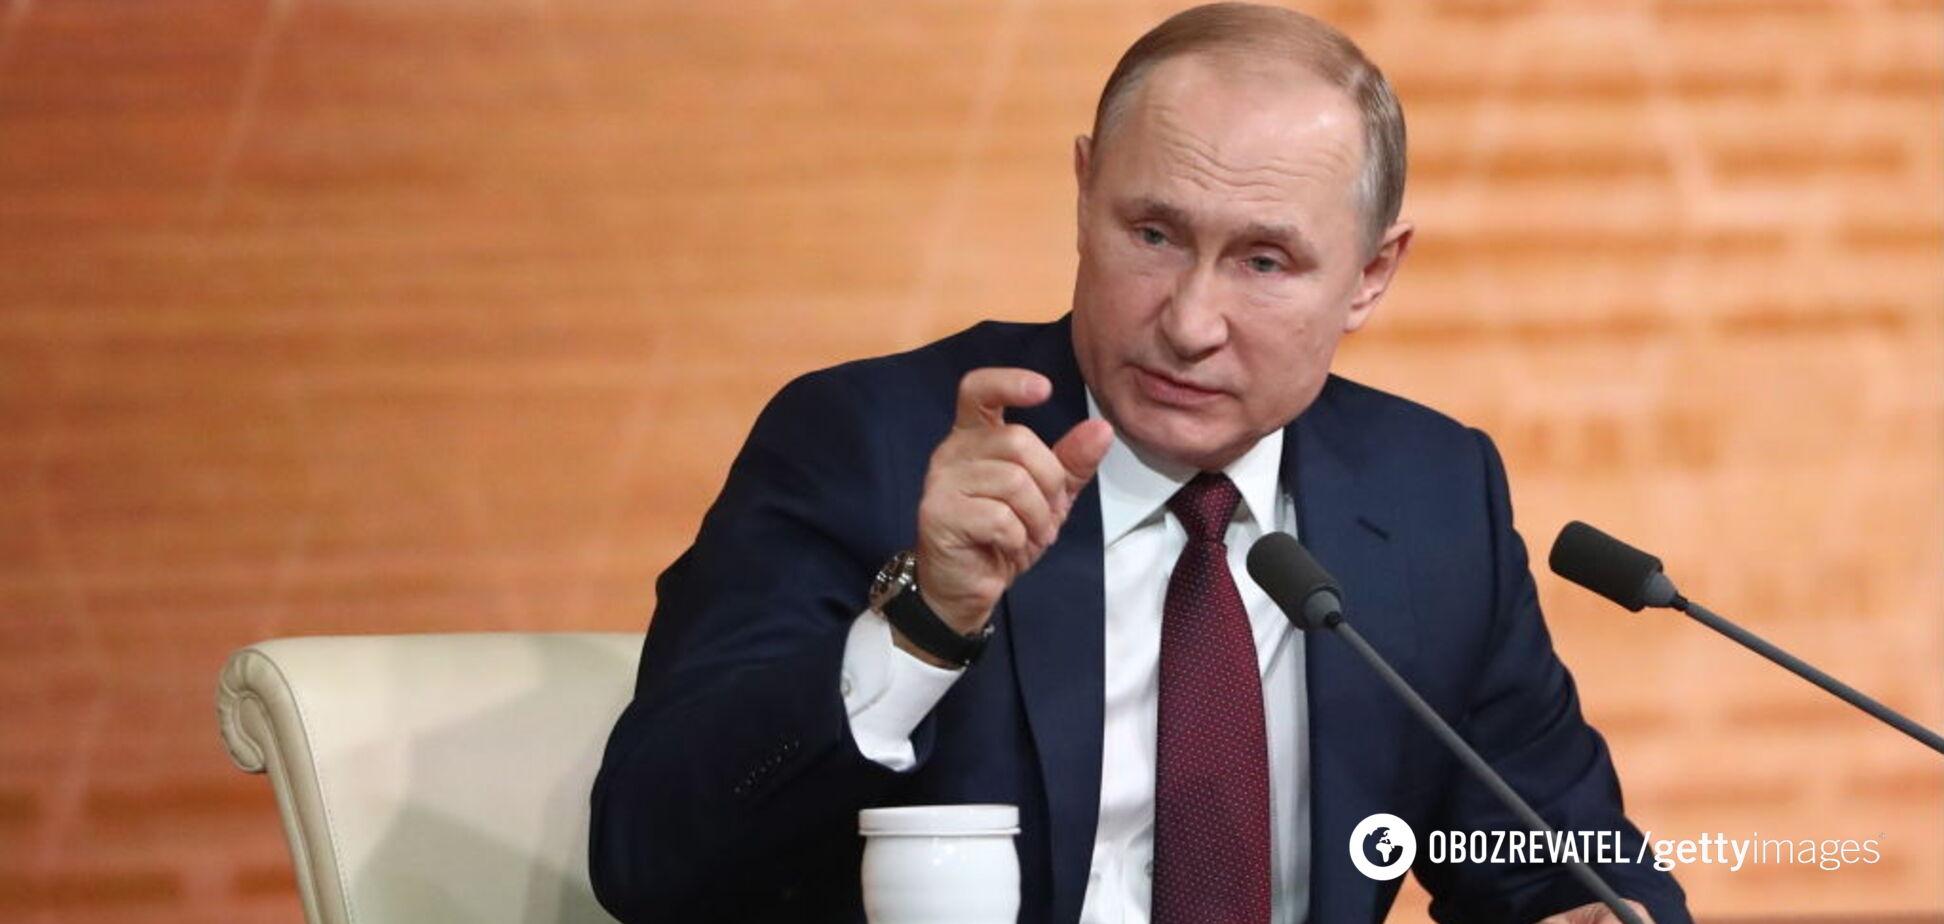 Путин дал большую пресс-конференцию: все подробности